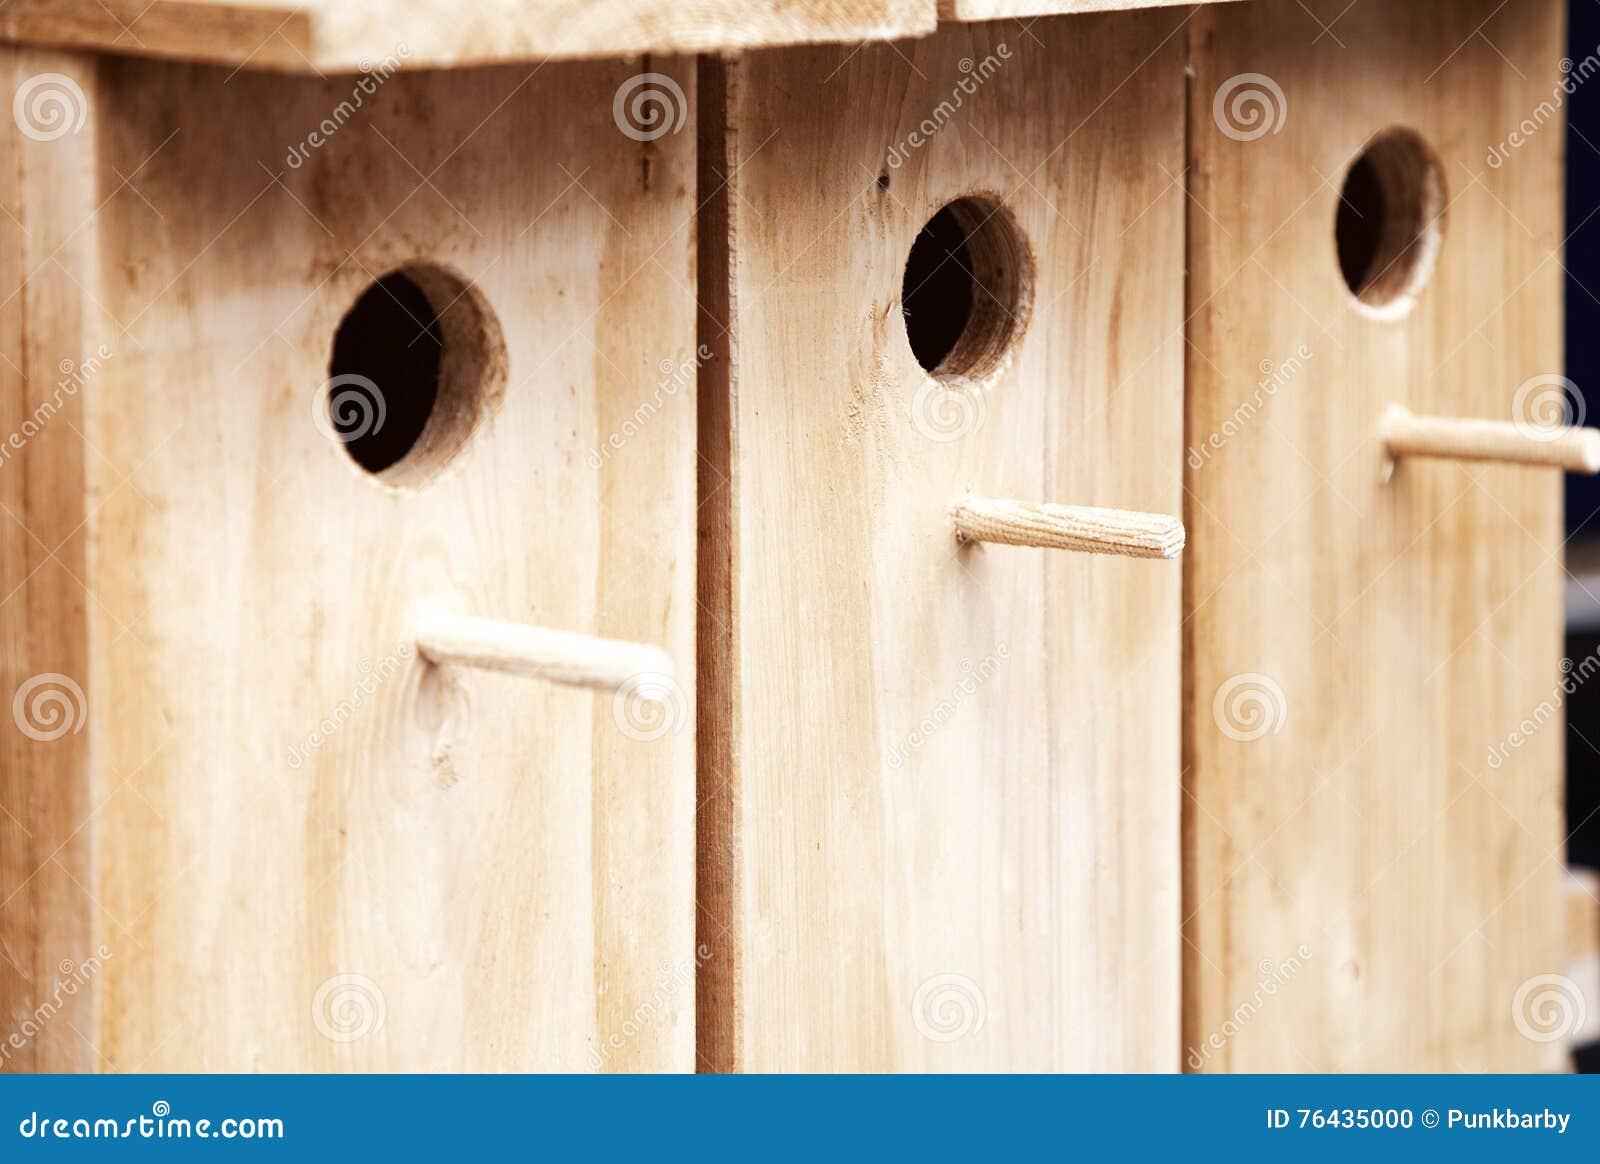 Предпосылка нескольких деревянной birdhouses в ряд Немного деревянных домов птицы для продажи